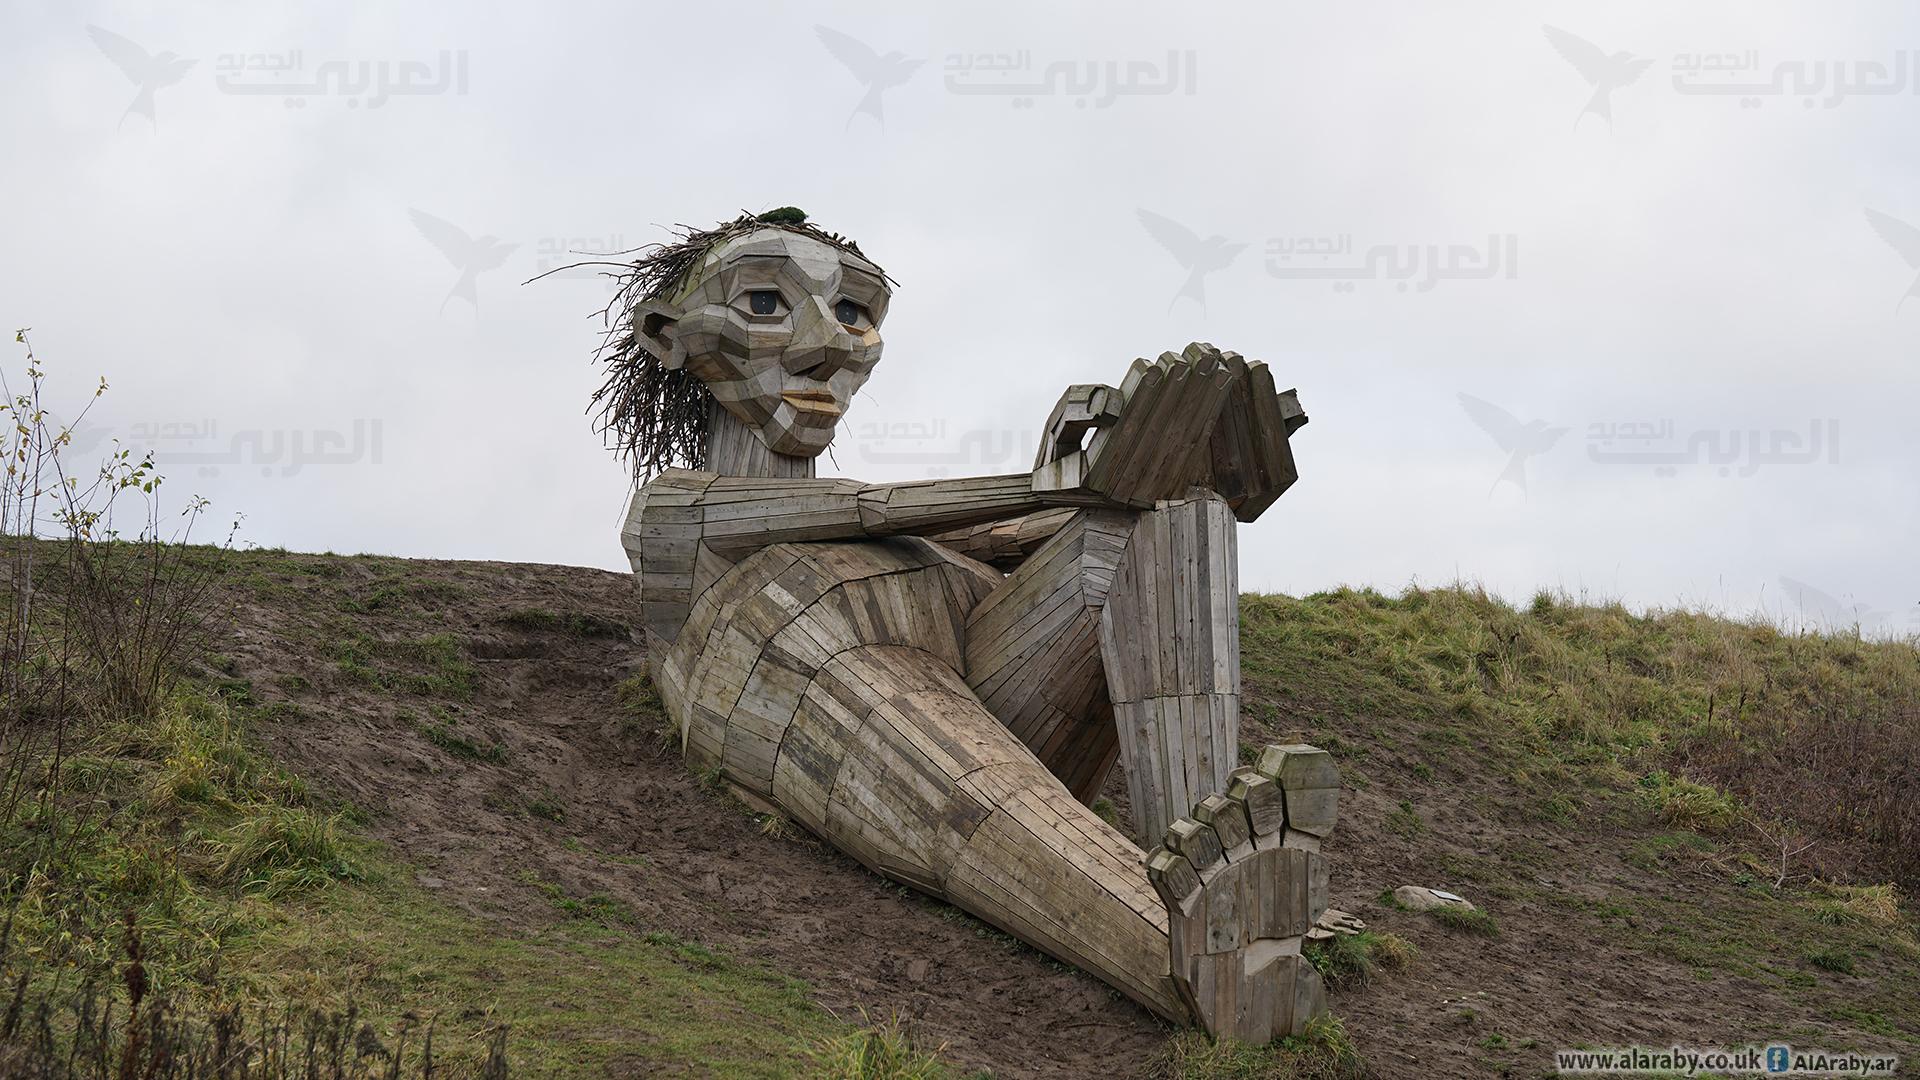 معرفی و آثار توماس دامبو با مجسمههای غولپیکر بازیافتی لینک : https://asarartmagazine.ir/?p=20538 👇 سایت : AsarArtMagazine.ir اینستاگرام : instagram.com/AsarArtMagazine تلگرام : t.me/AsarArtMagazine 👆